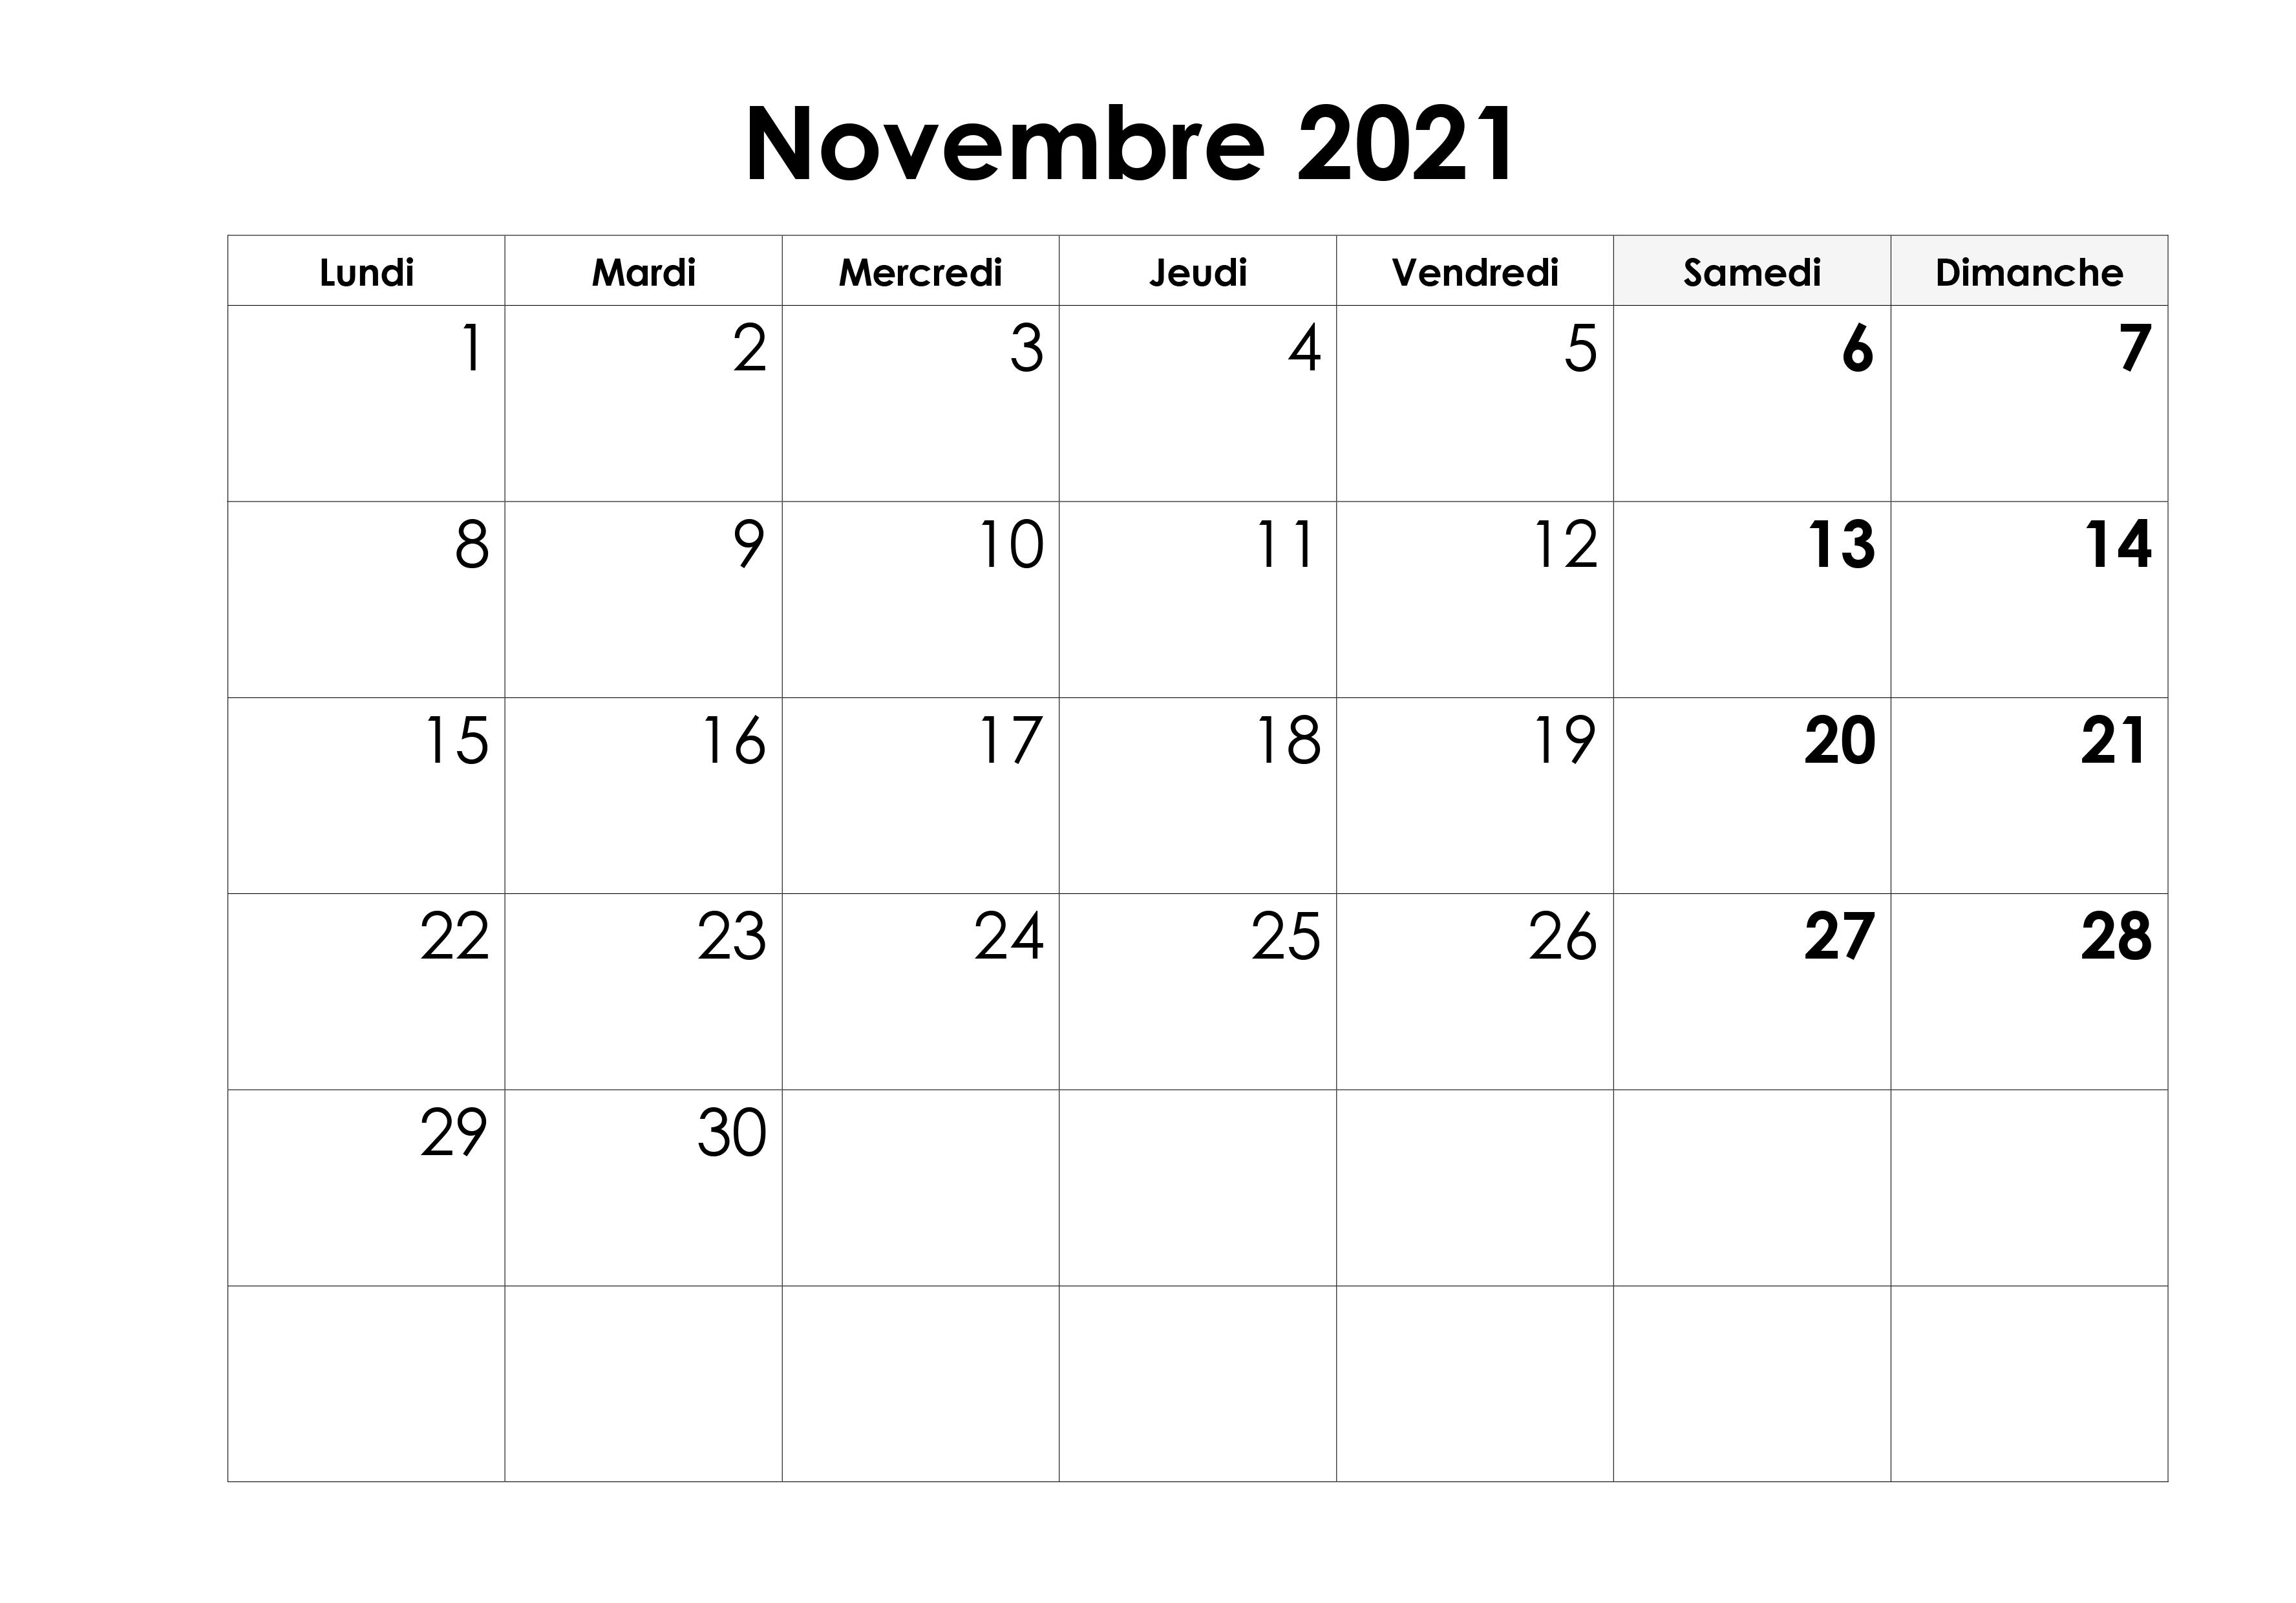 Novembre 2021 Calendrier